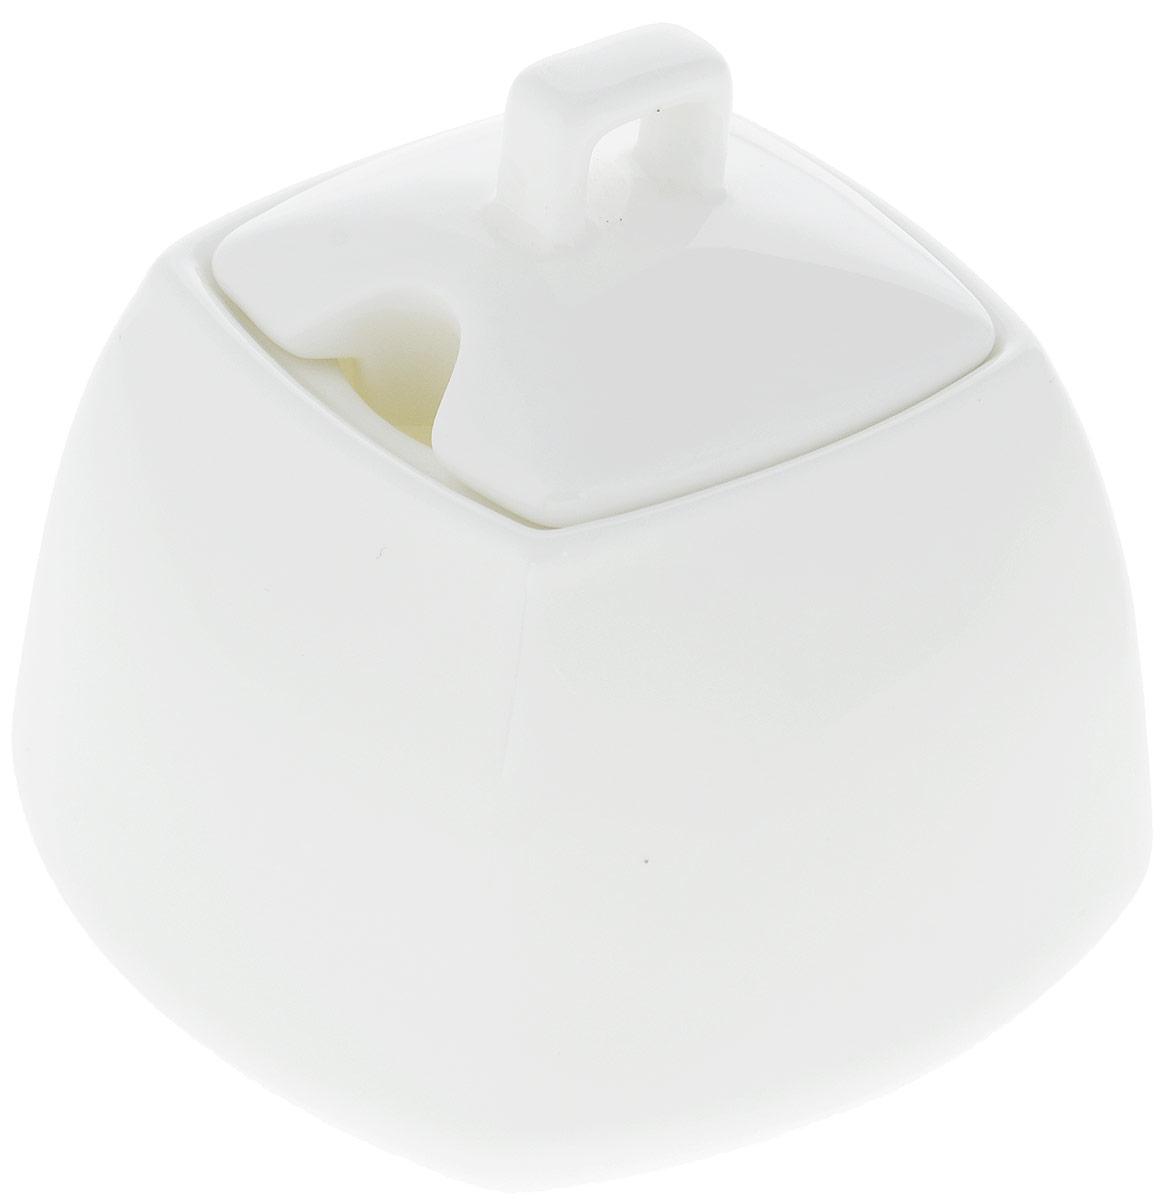 Сахарница Wilmax, 340 мл. WL-995026 / 1C115510Сахарница Wilmax выполнена из высококачественного фарфора с глазурованным покрытием.Изделие имеет элегантную форму и может использоваться в качестве креманки.Сахарница Wilmax станет отличным дополнением к сервировке семейного стола и замечательным подарком для ваших родных и друзей.Можно мыть в посудомоечной машине и использовать в микроволновой печи. Размер (по верхнему краю): 5,5 х 5,5 см. Высота (без учета крышки): 7 см.